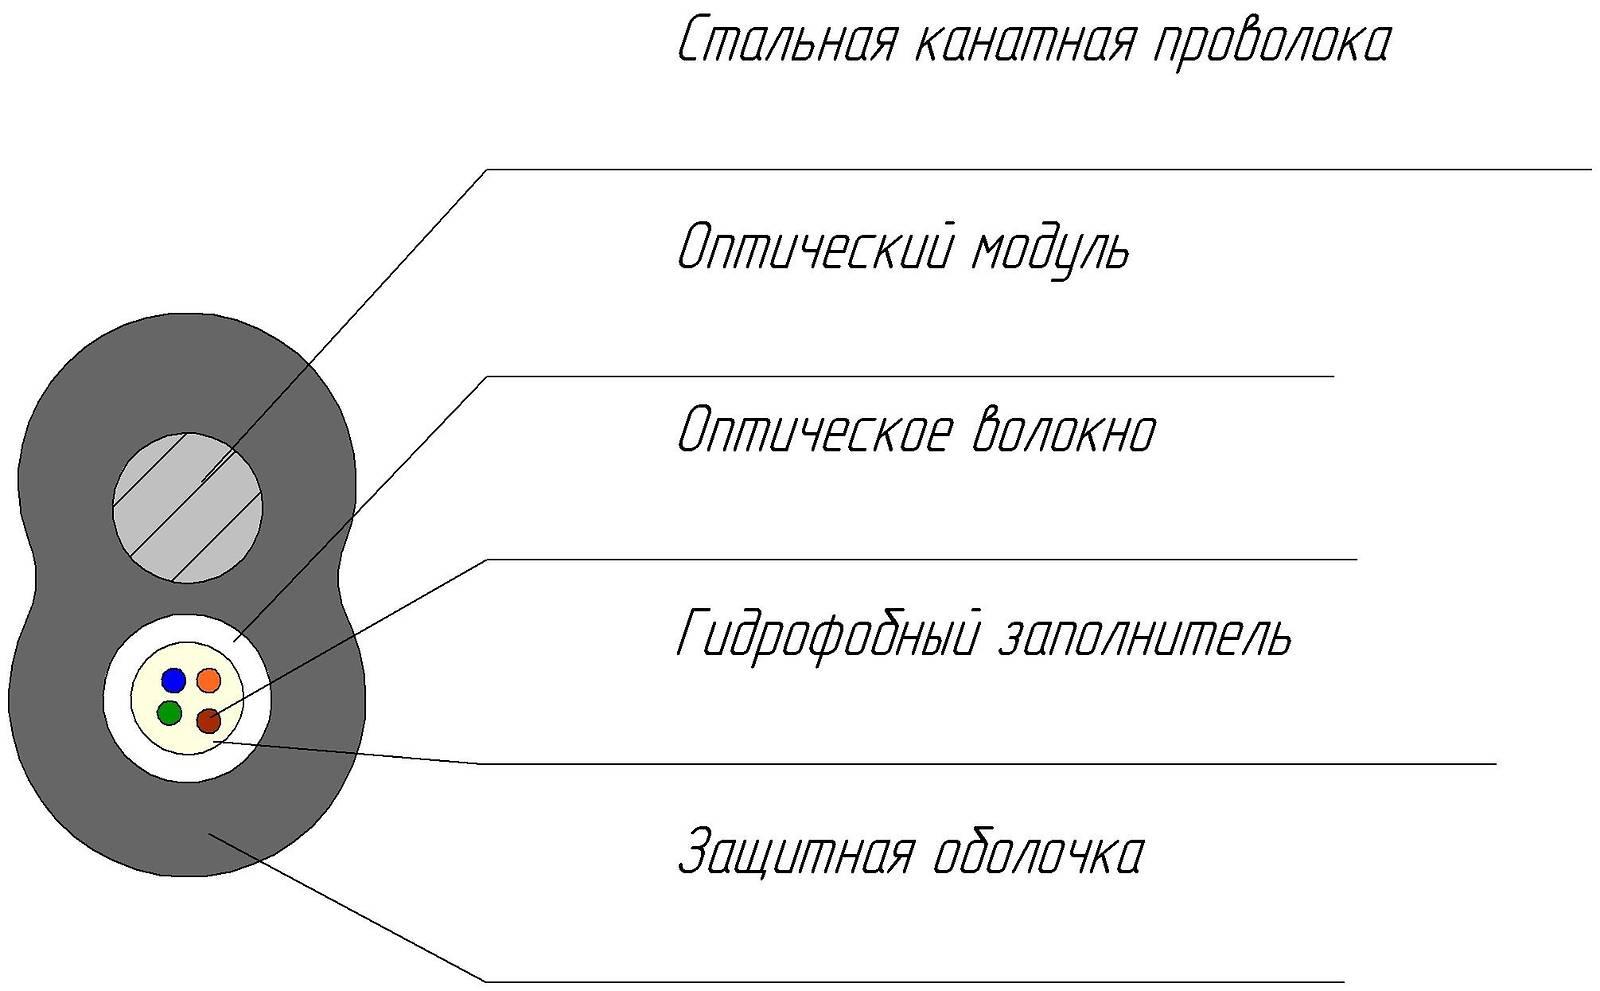 Кабель волоконно-оптический ОКТМ -1…6(652.D)-Т/С 1,8 кН.